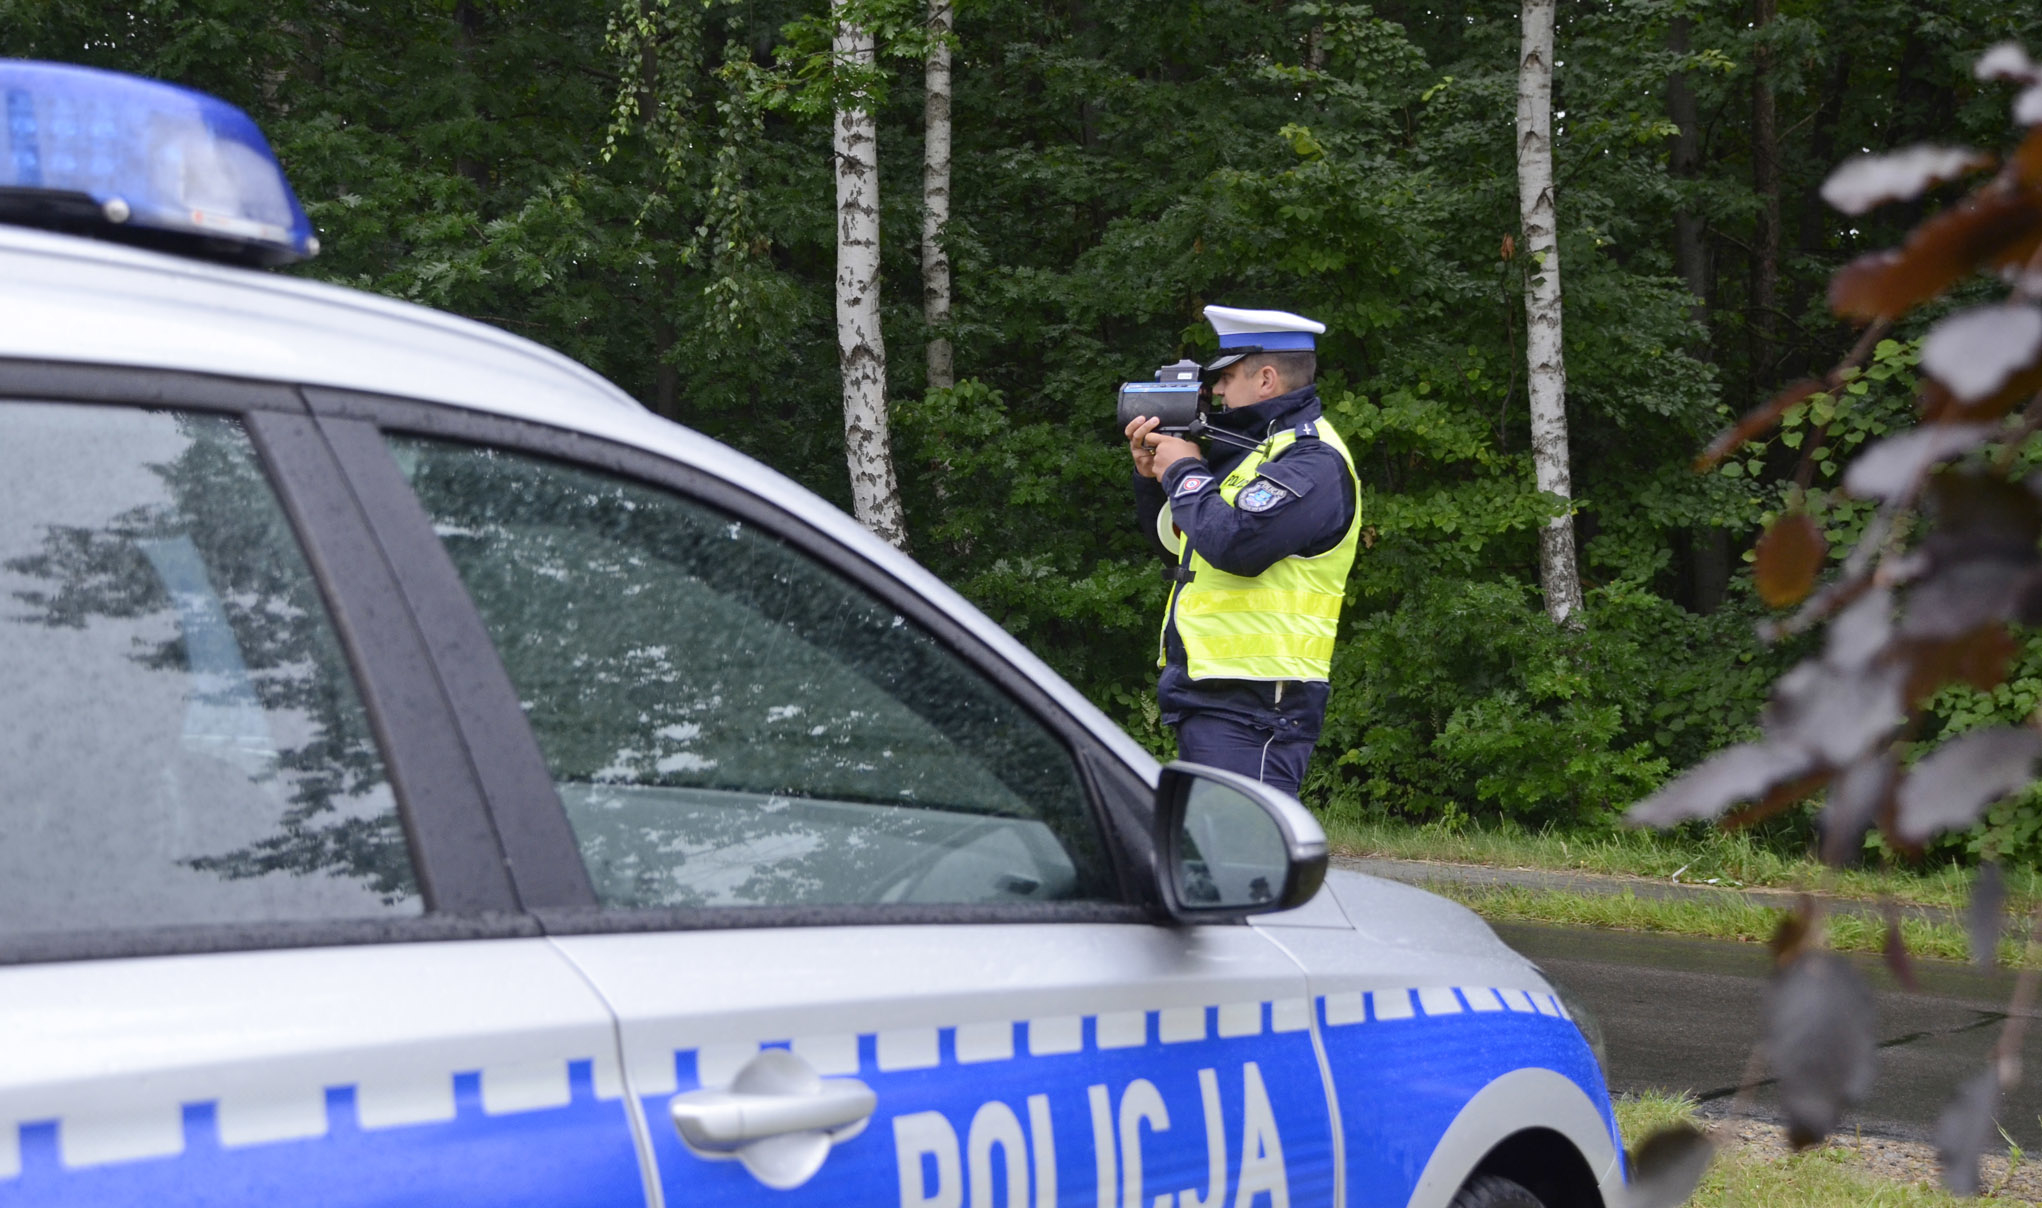 W kilkanaście minut dwóch kierowców straciło prawo jazdy - Zdjęcie główne